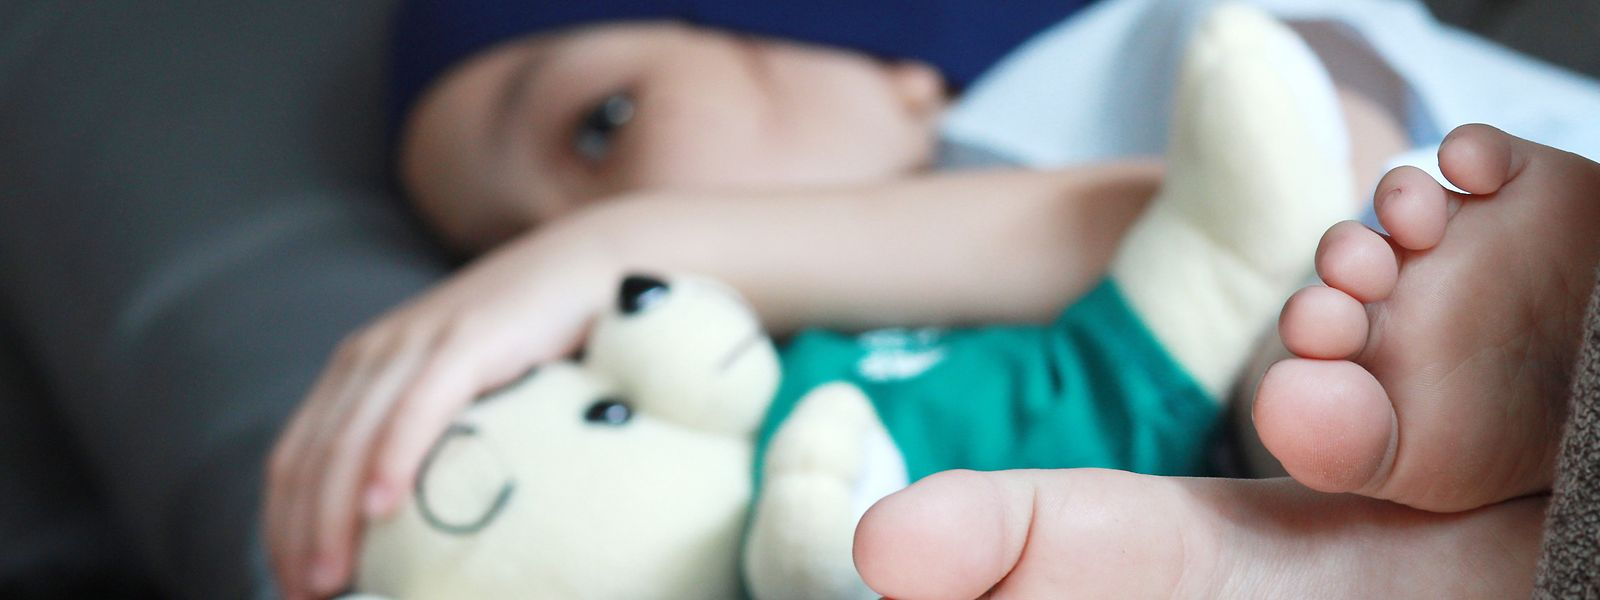 Près d'un tiers des enfants ont reconnu leur crainte de tomber malade ou de voir quelqu'un de leur entourage être infecté par le covid.